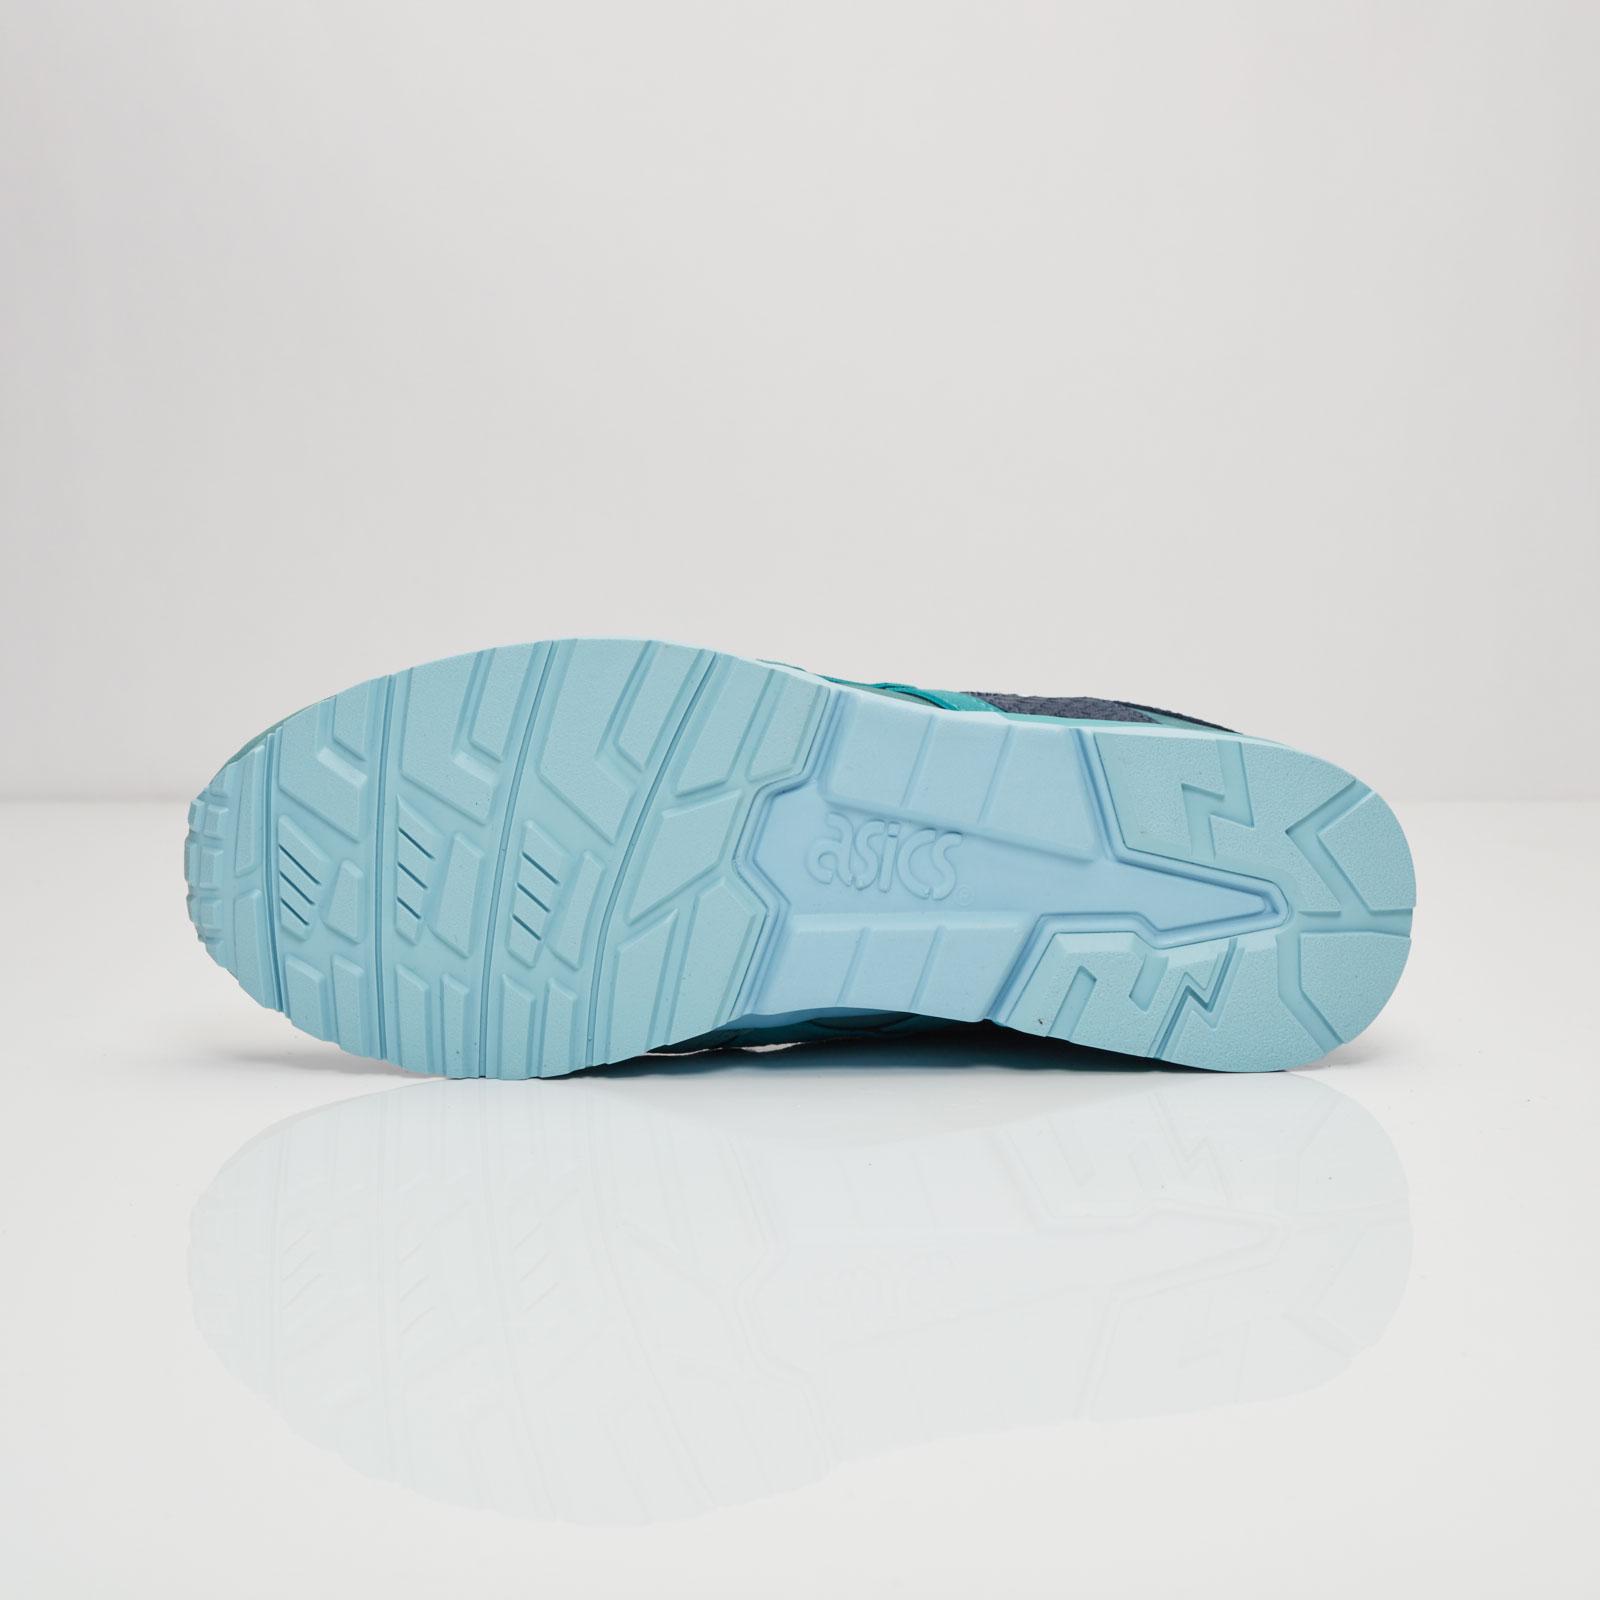 ASICS Gel Tiger Lyte V STR H6p3l V 4848 Tiger ASICS Sneakersnstuff | fb6a399 - vimax.website